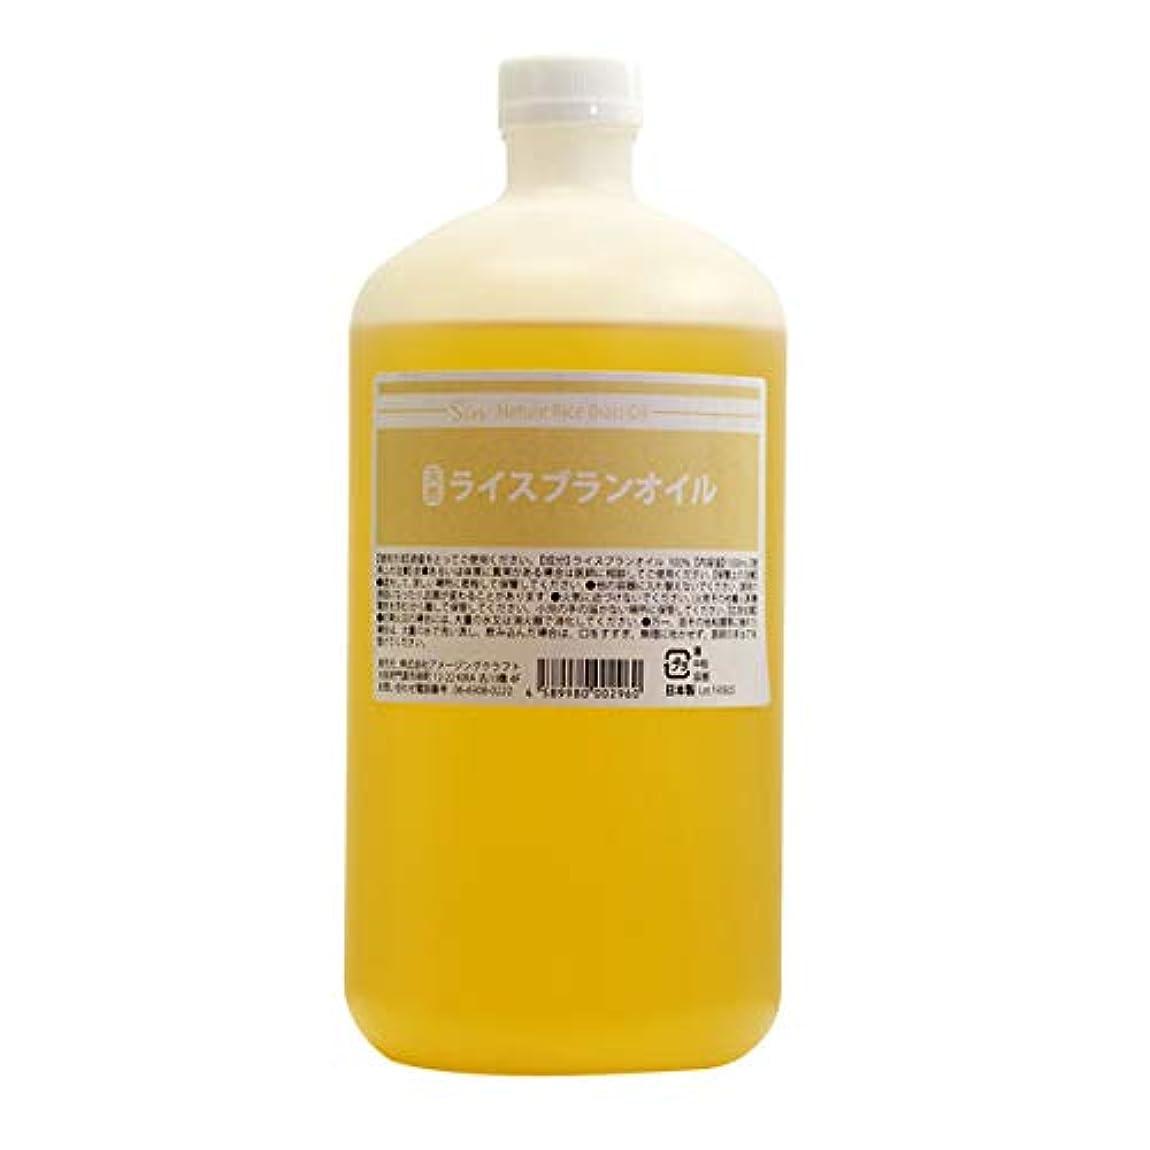 負担ごちそうメニュー国内精製 ライスブランオイル 1000ml (1L)